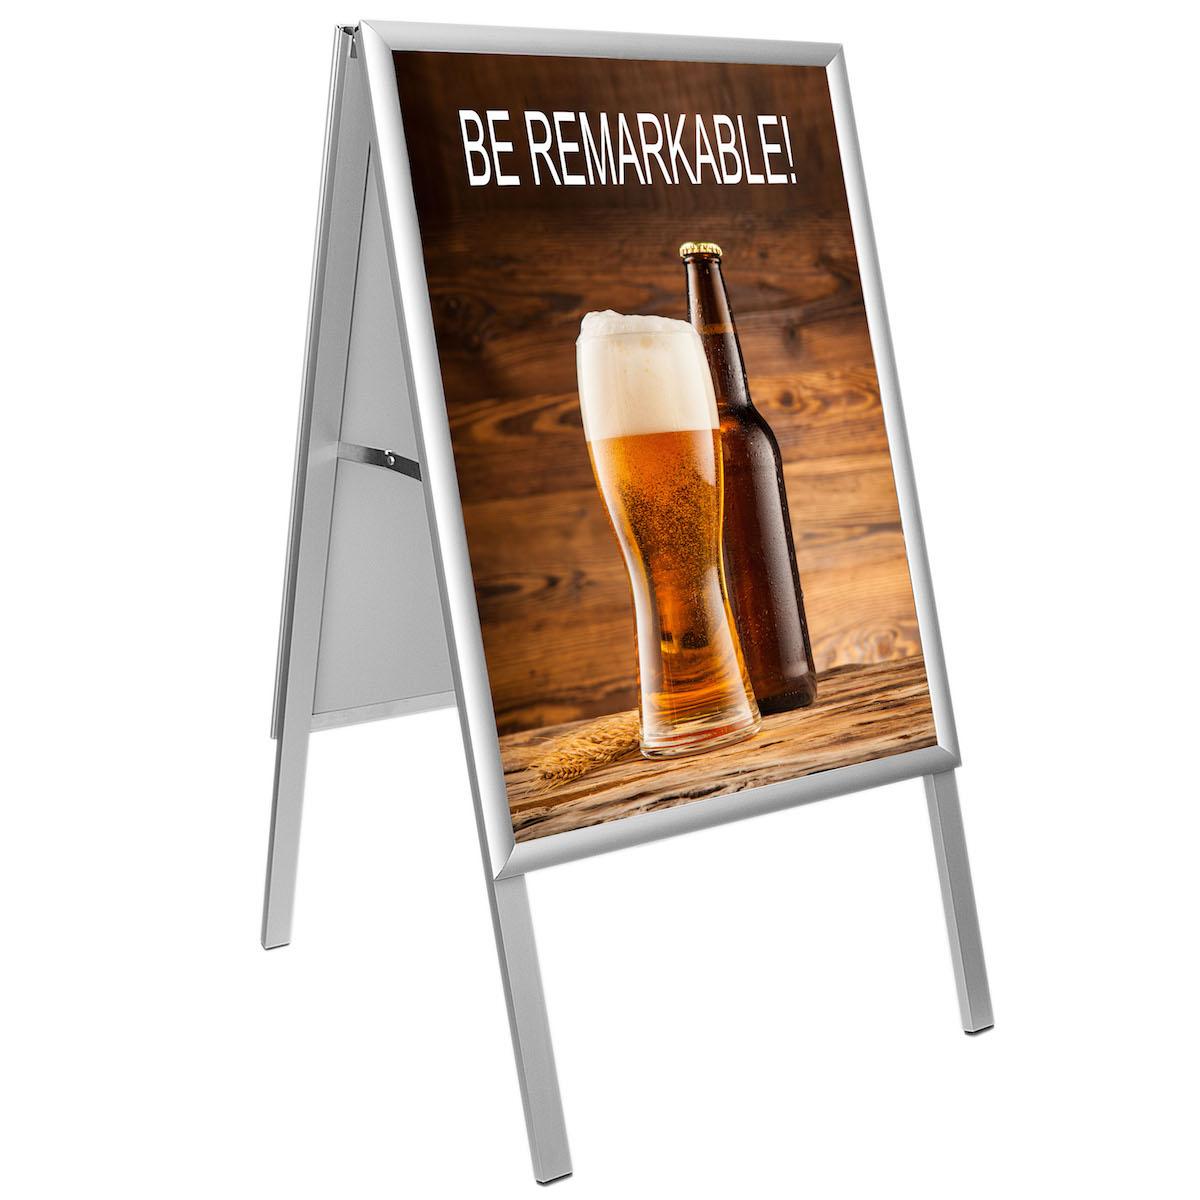 People Stopper, A board din profil aluminiu click  25mm cu colt la 45 grade S7, JJ DISPLAYS, 700 x 1000 mm